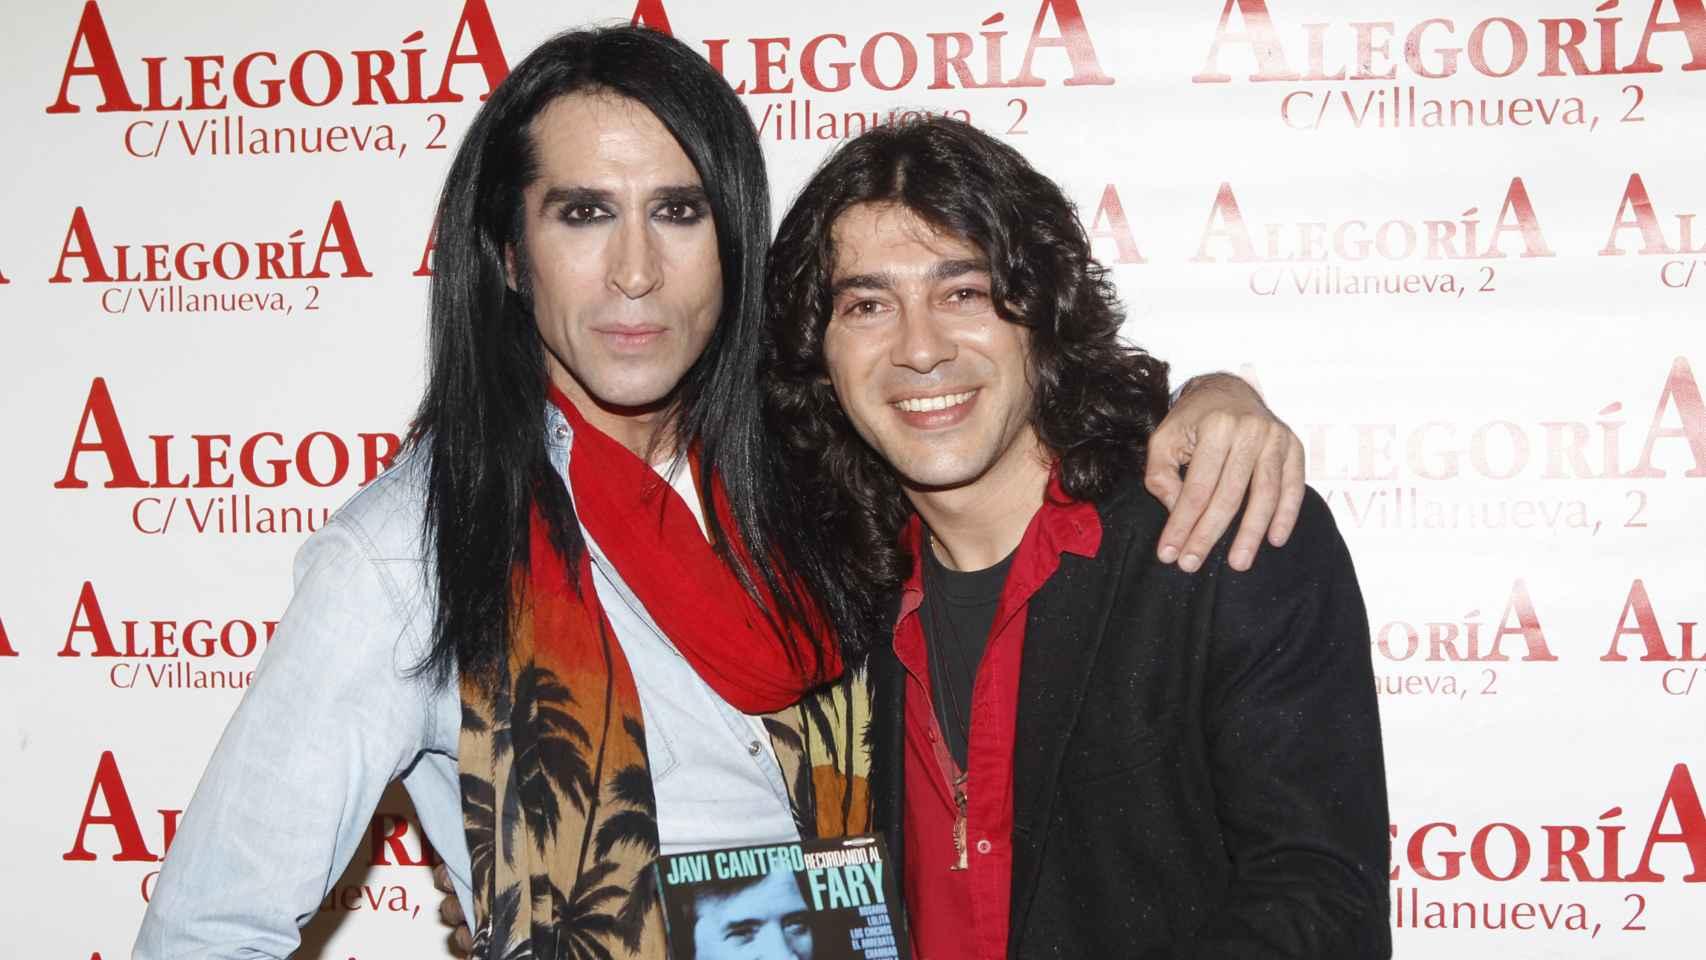 Mario Vaquerizo y Javi Cantero durante la presentación del disco 'Recordando El Fary'